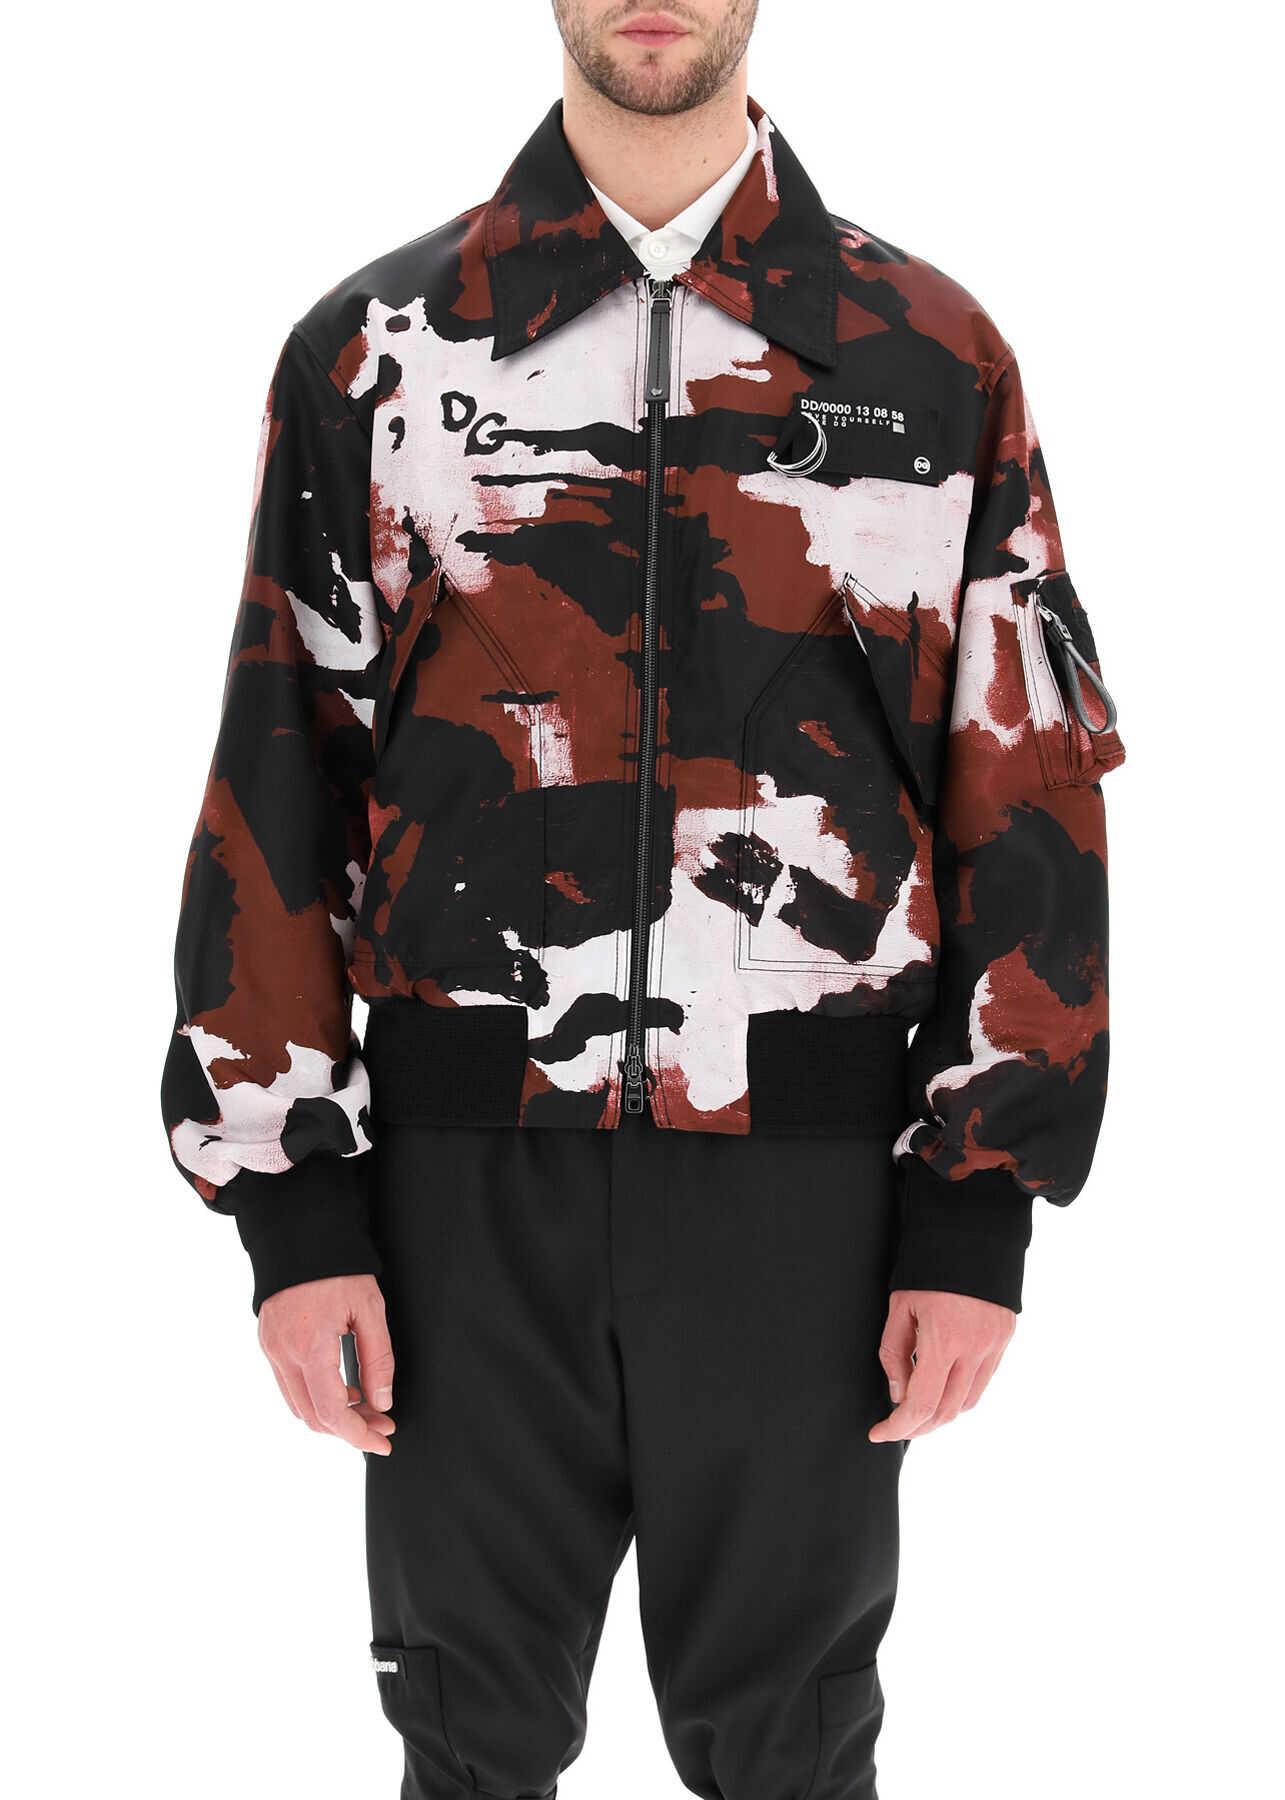 Dolce & Gabbana Camouflage Nylon Bomber Jacket CAMOUFLAGE F BORDEAU imagine